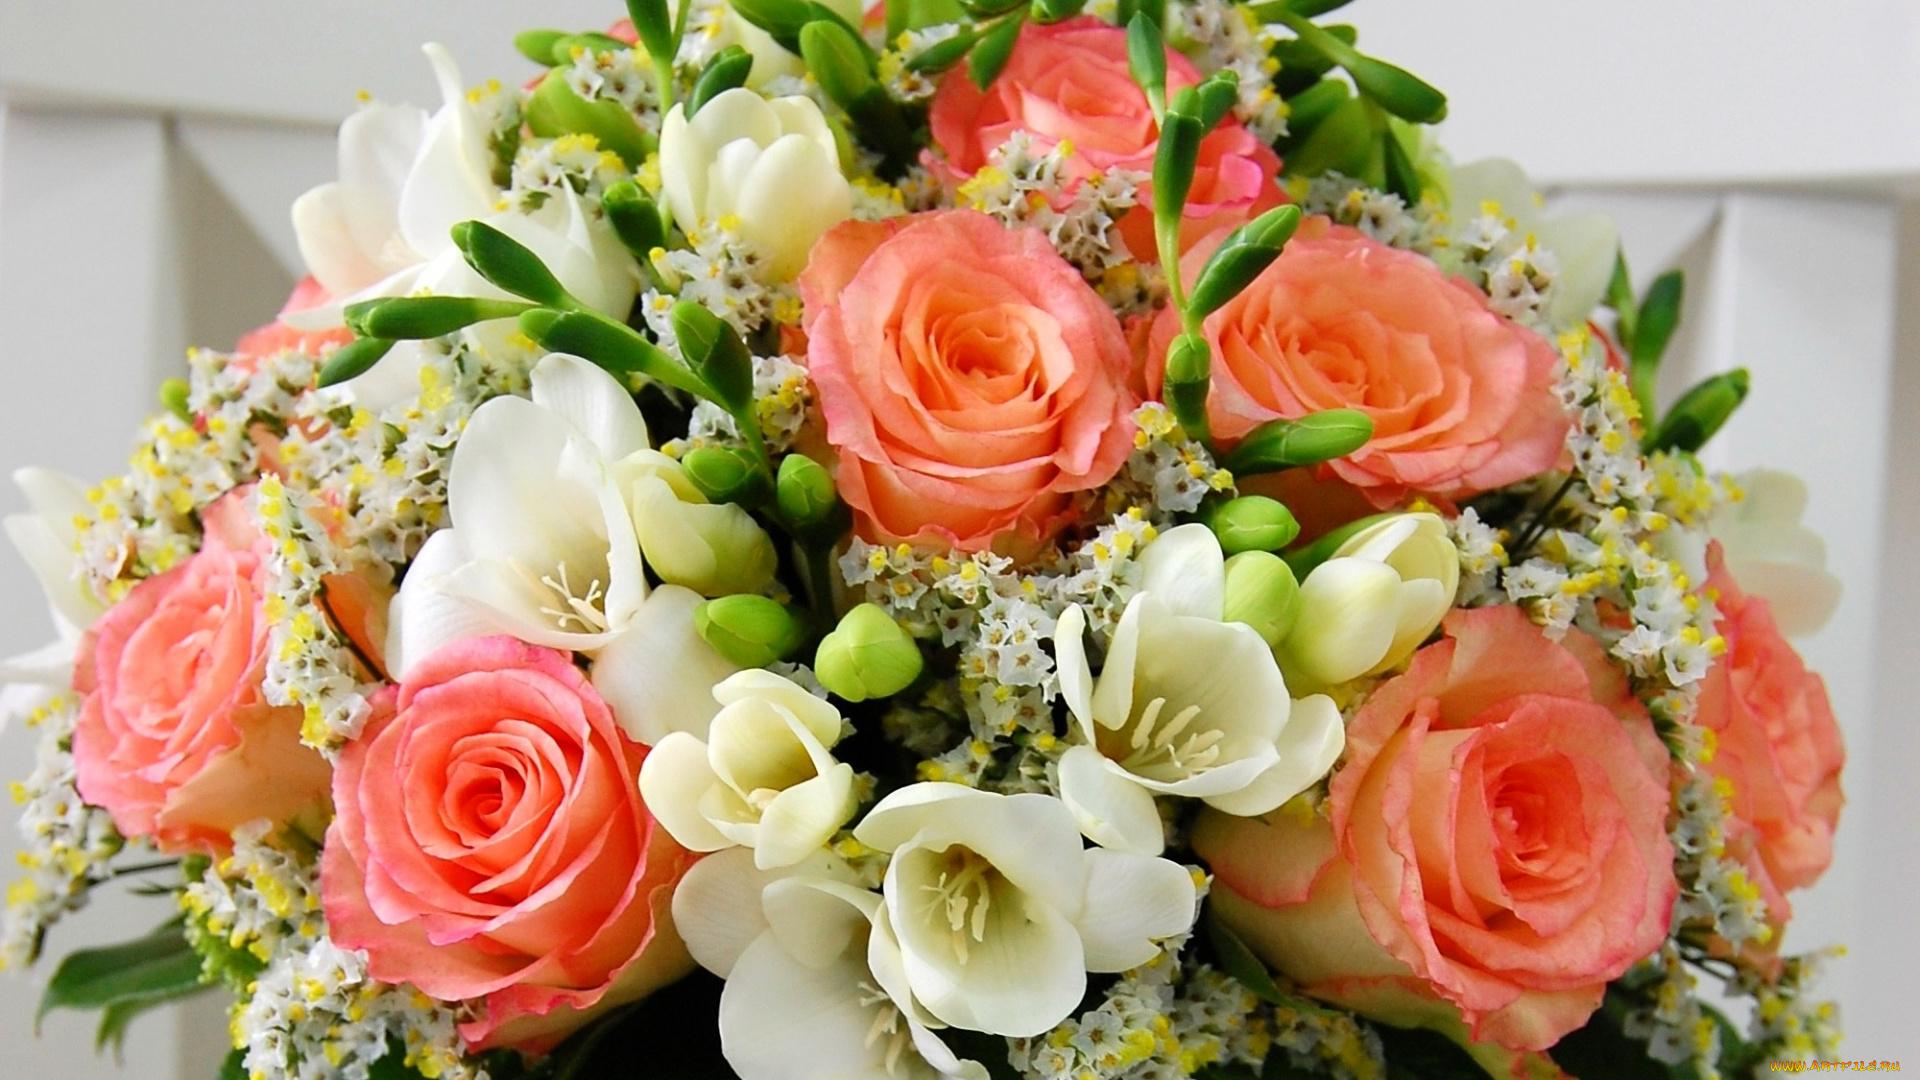 Красивые букеты цветов для женщины картинки, города москвы открытки